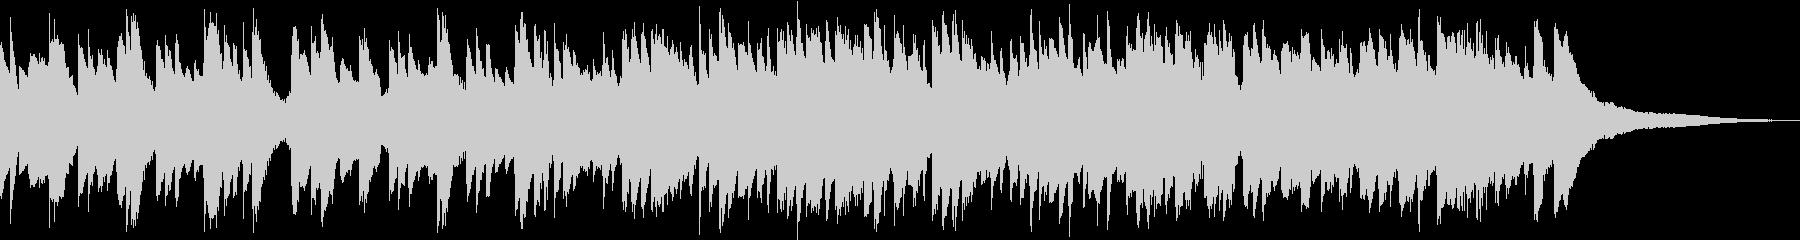 ピアノと鉄琴のメロディが綺麗なBGMの未再生の波形